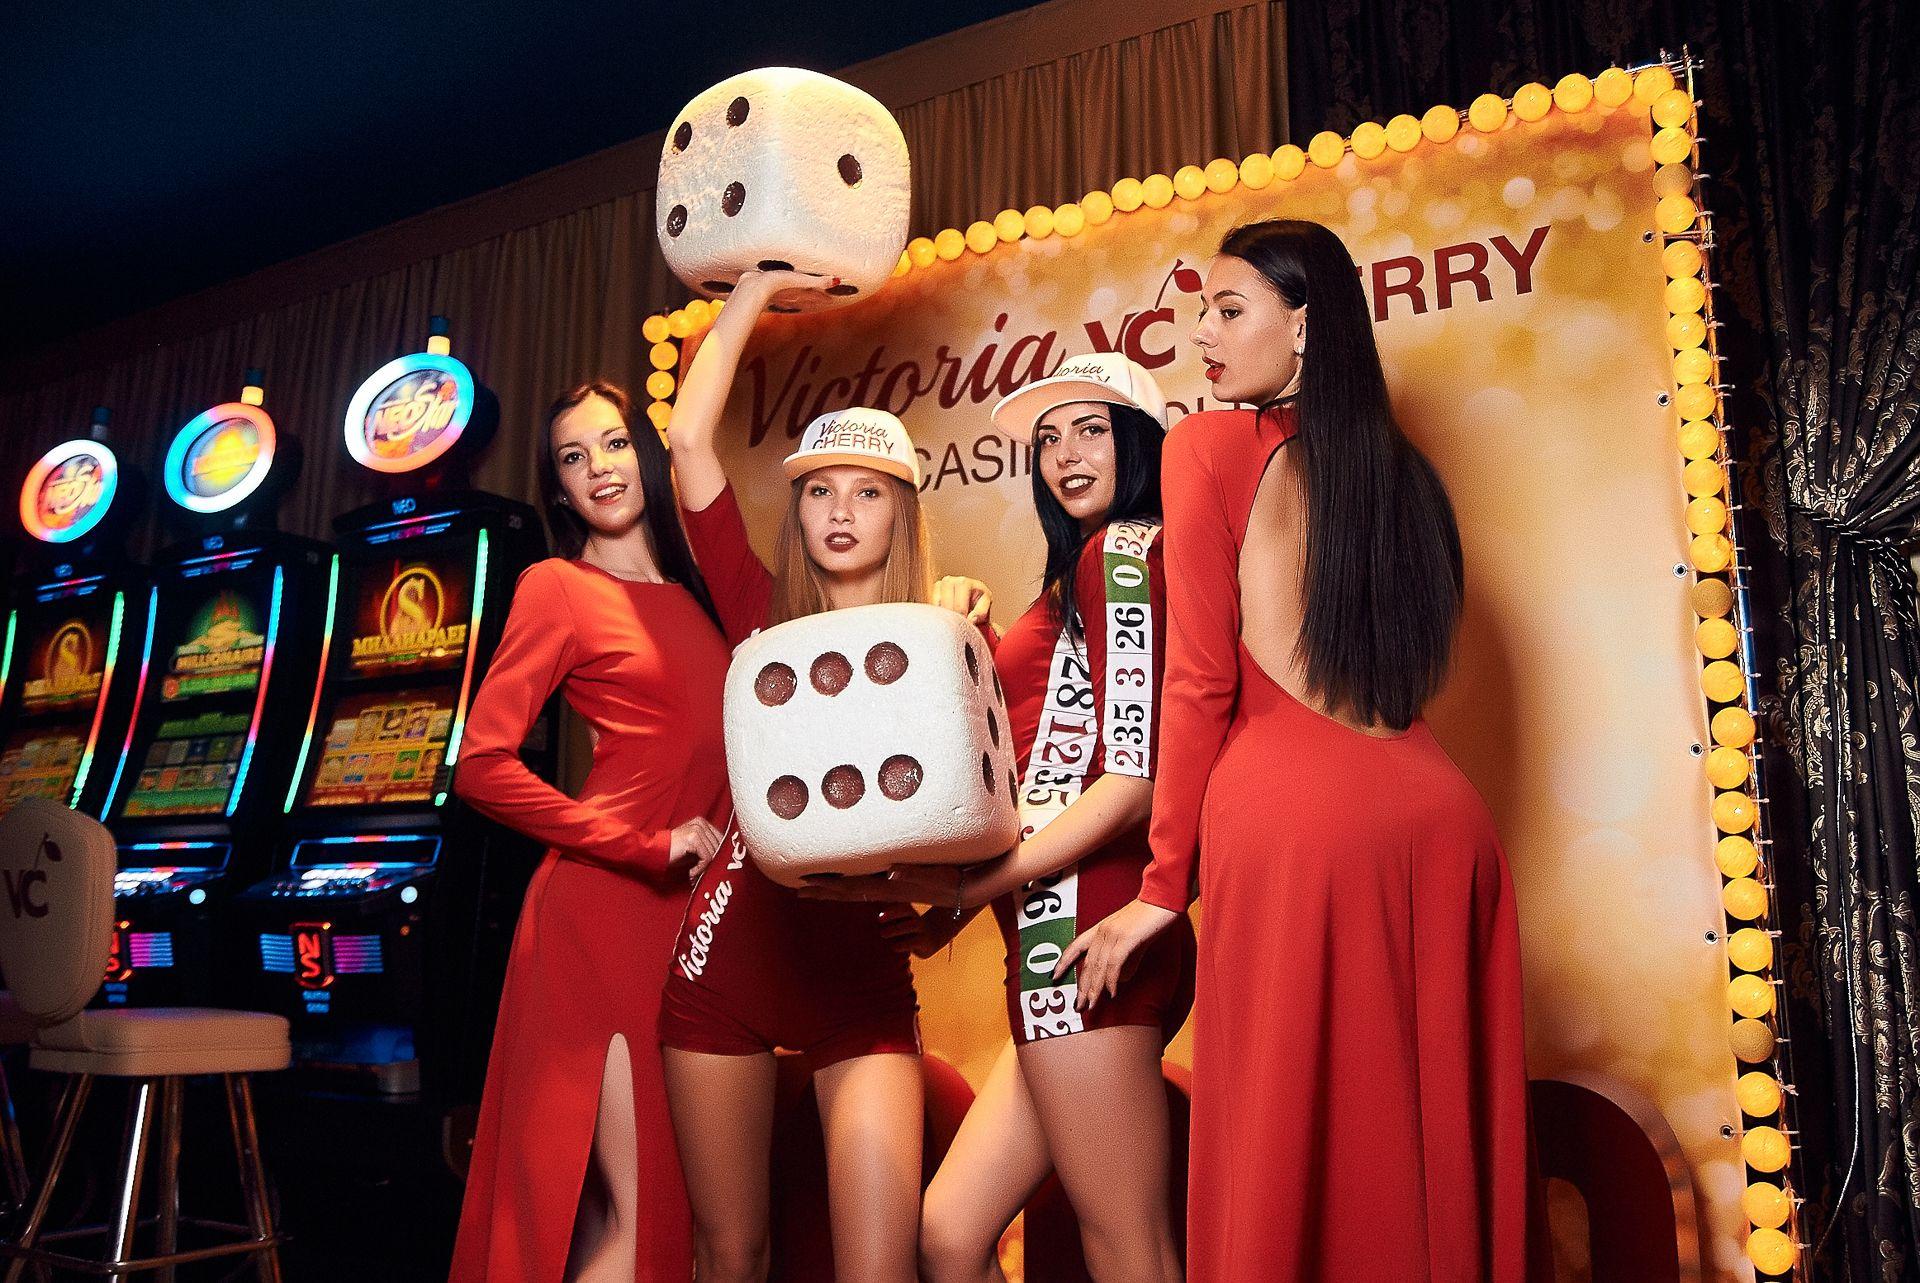 Работа в казино девушки минска как играть в покер онлайн бесплатно без регистрации на деньги